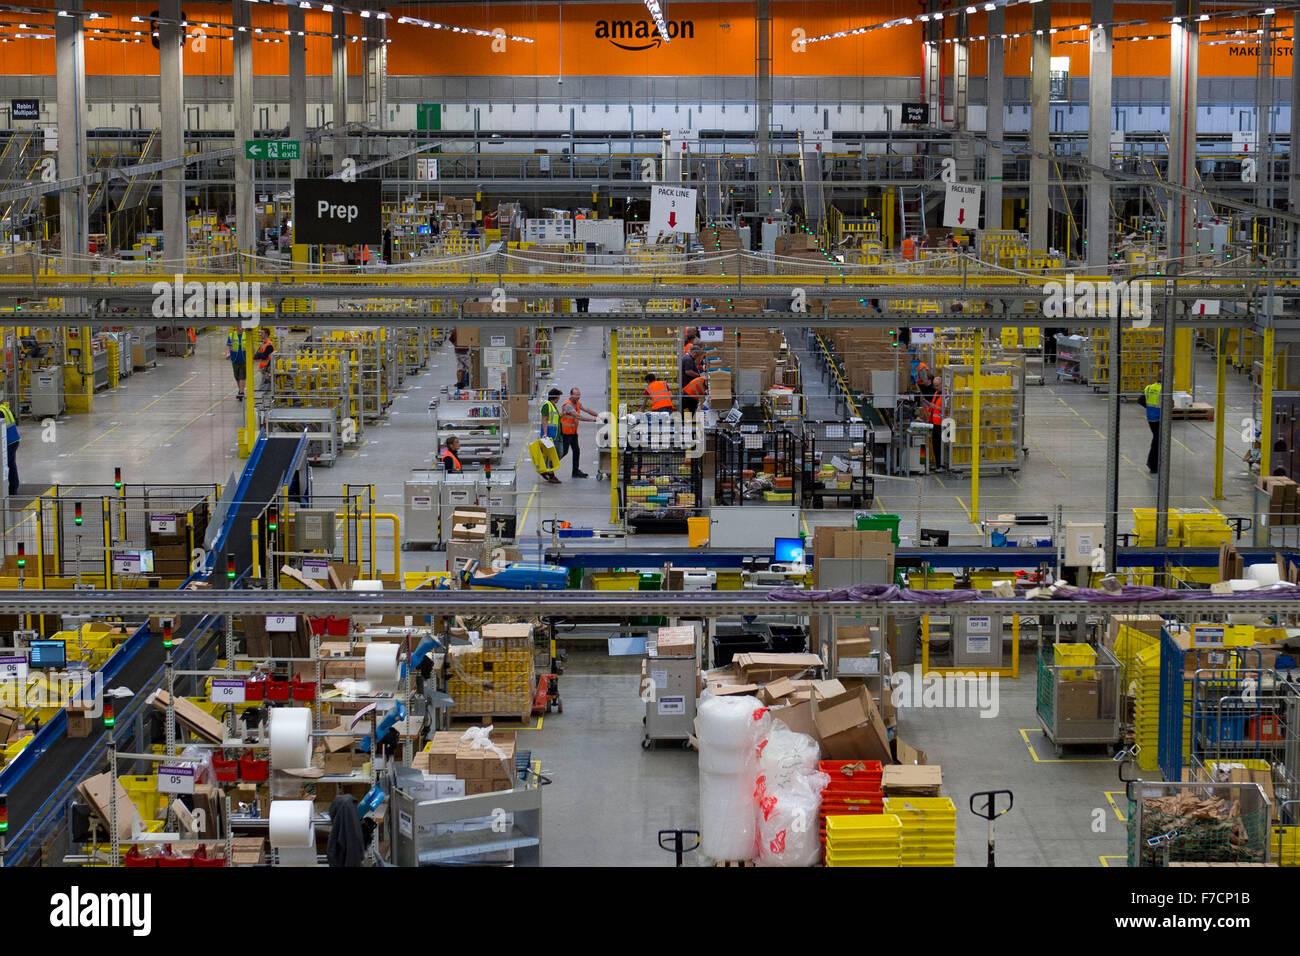 El almacén de Amazon fulfillment center en Swansea, Gales del Sur. Amazon tiene contratado a un número Imagen De Stock